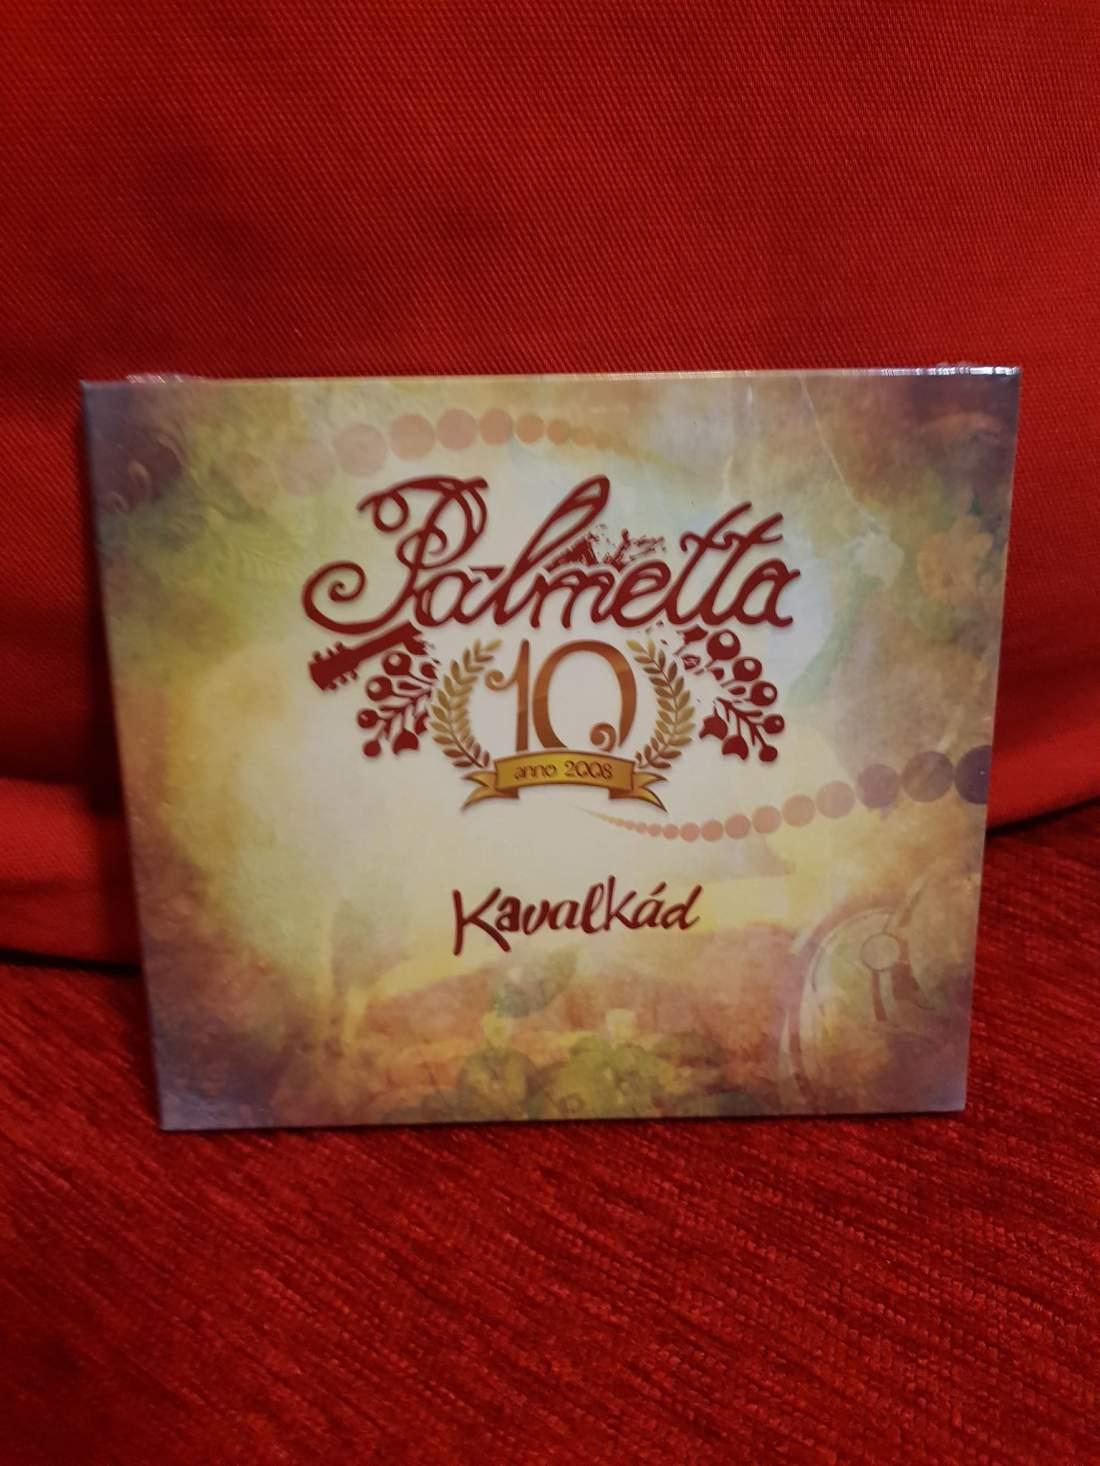 PALMETTA - KAVALKÁD CD